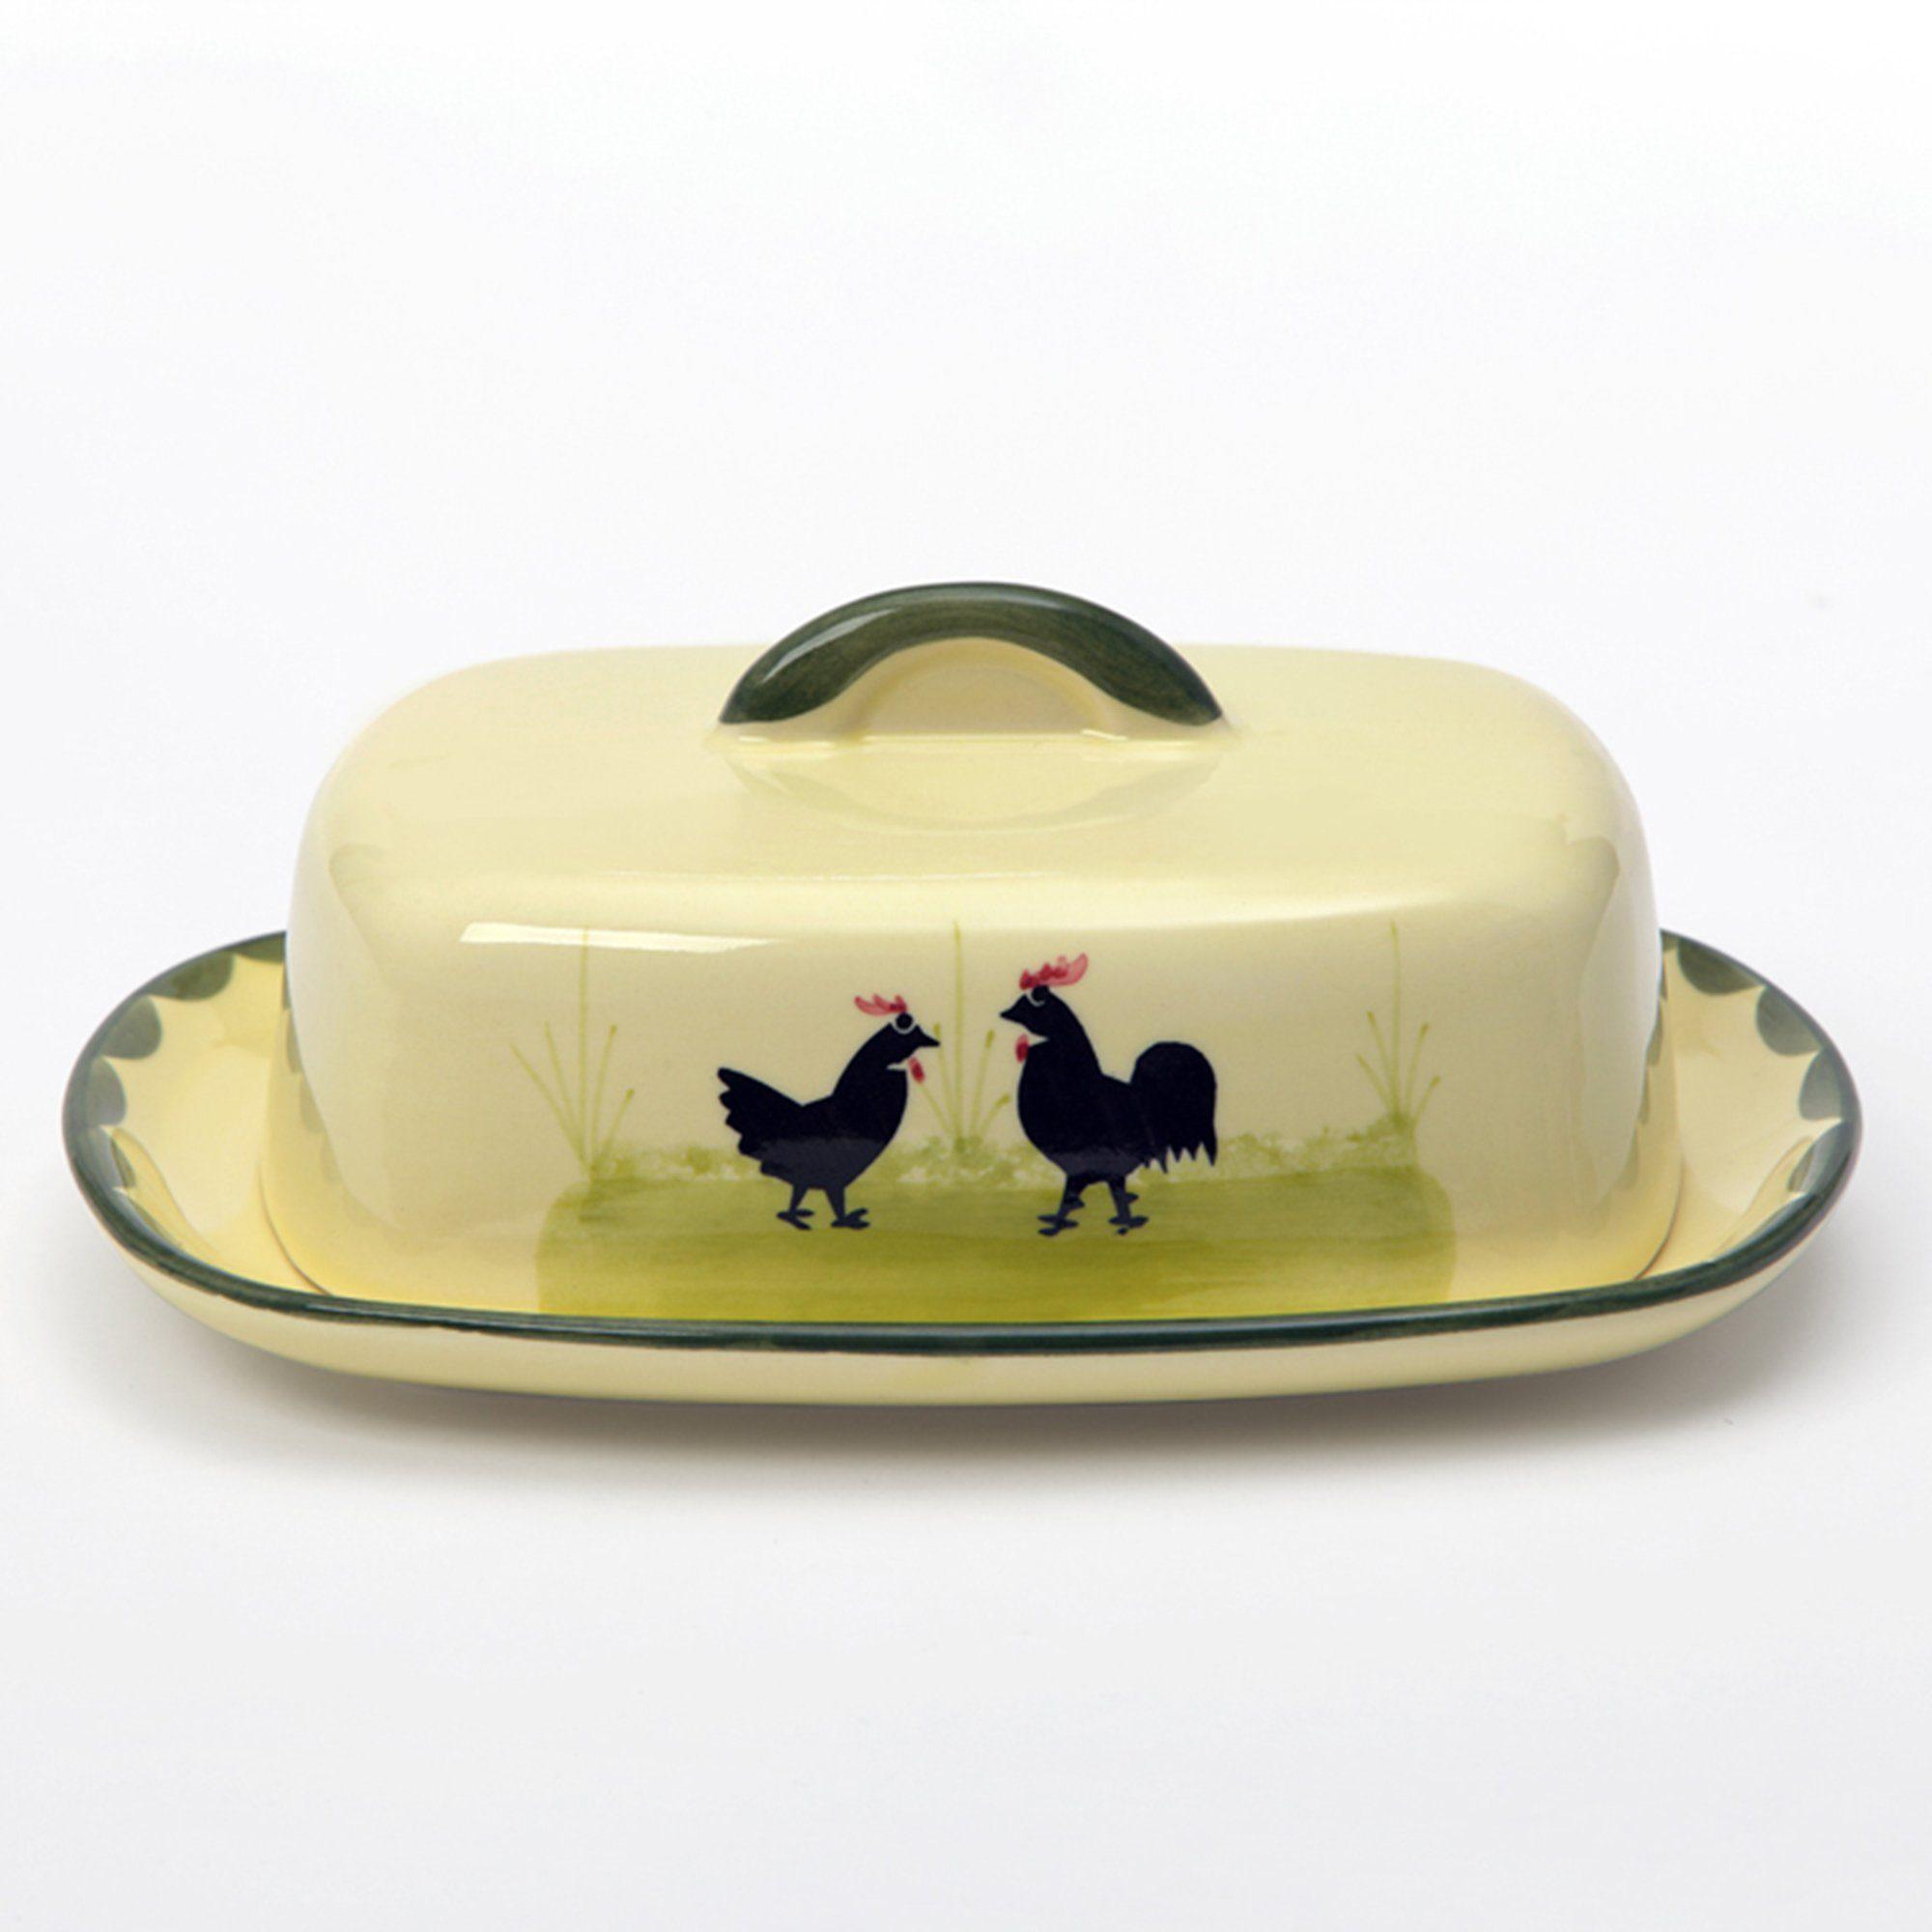 Zeller Keramik Butterdose mit Knauf »Hahn und Henne«